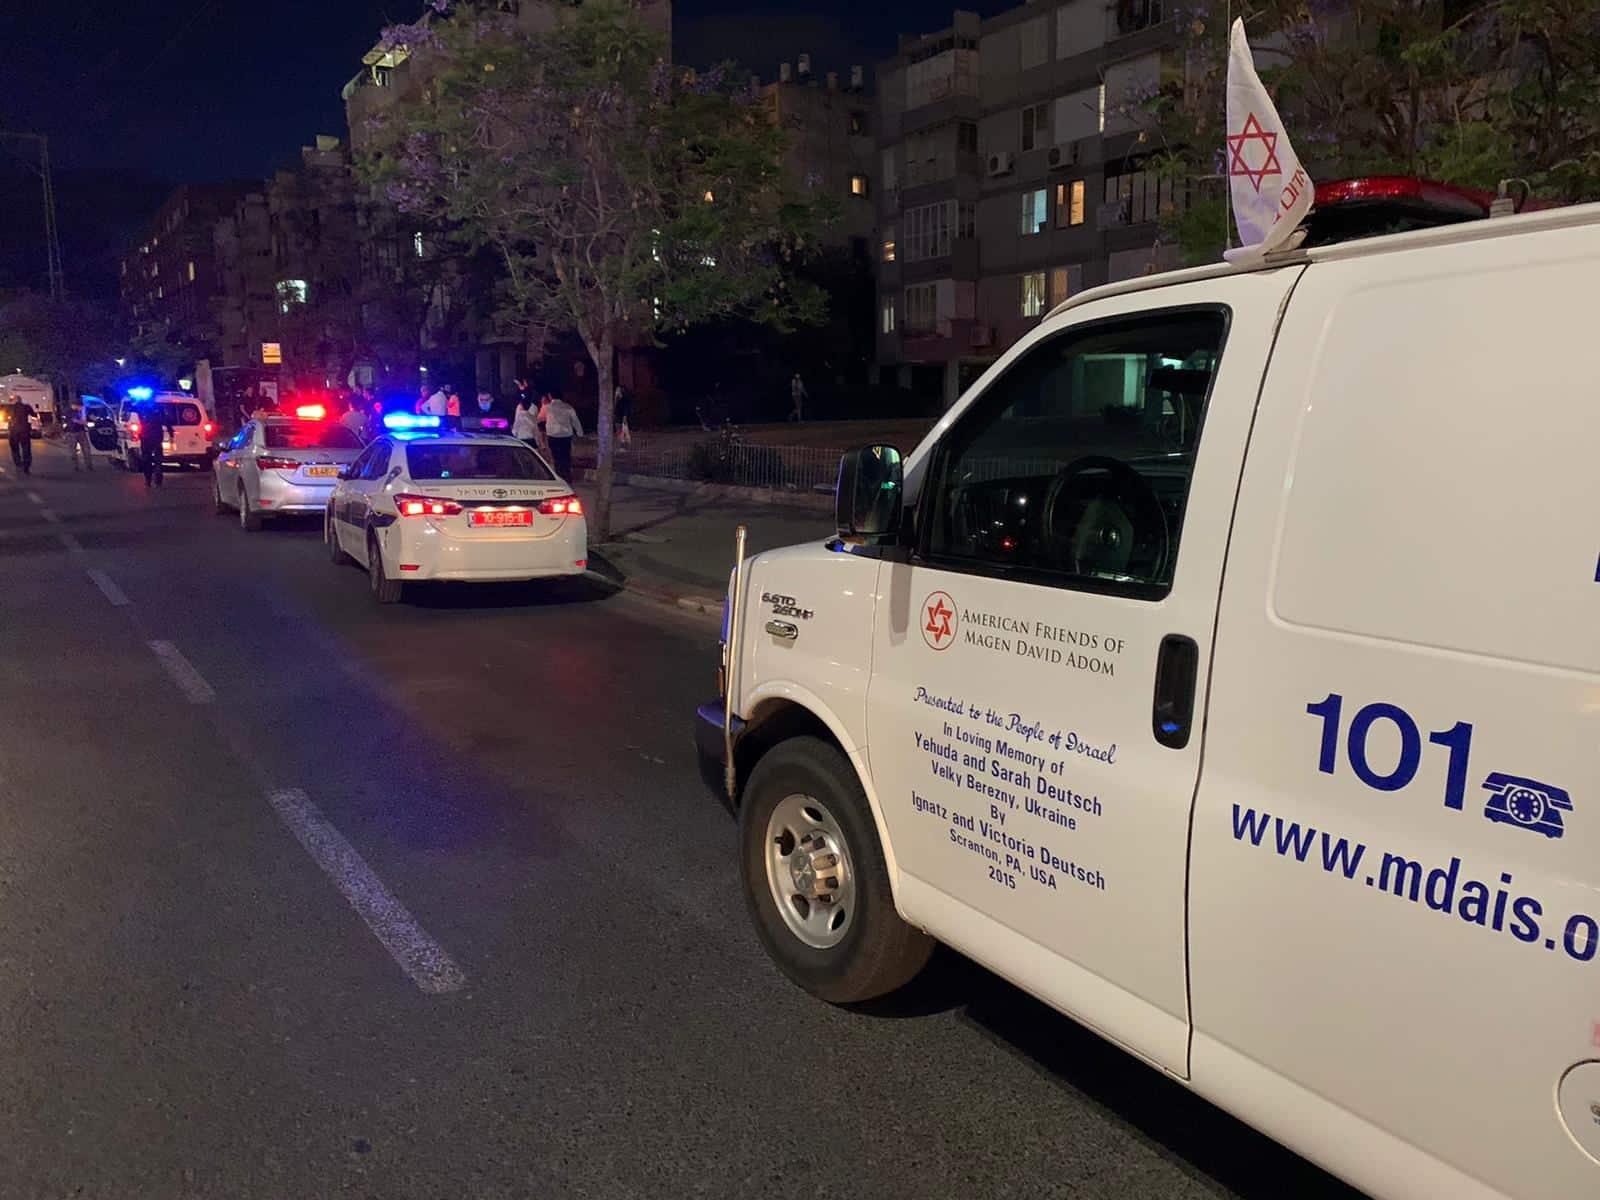 Полиция и медики прибывают на место преступления Израиль фото